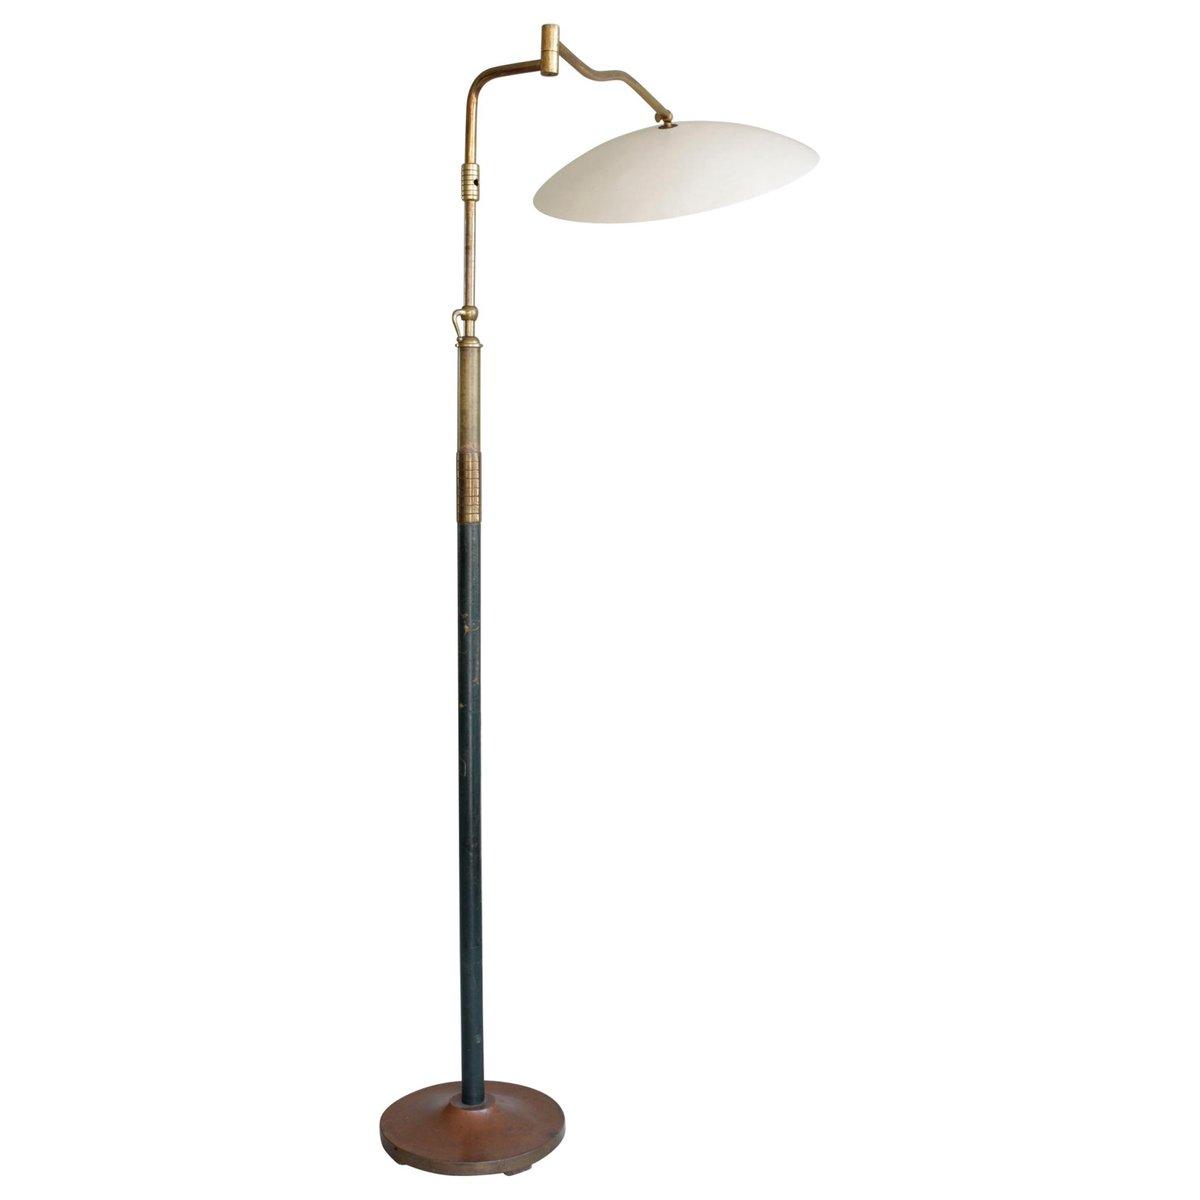 Große verlängerbare italienische Mid-Century Stehlampe